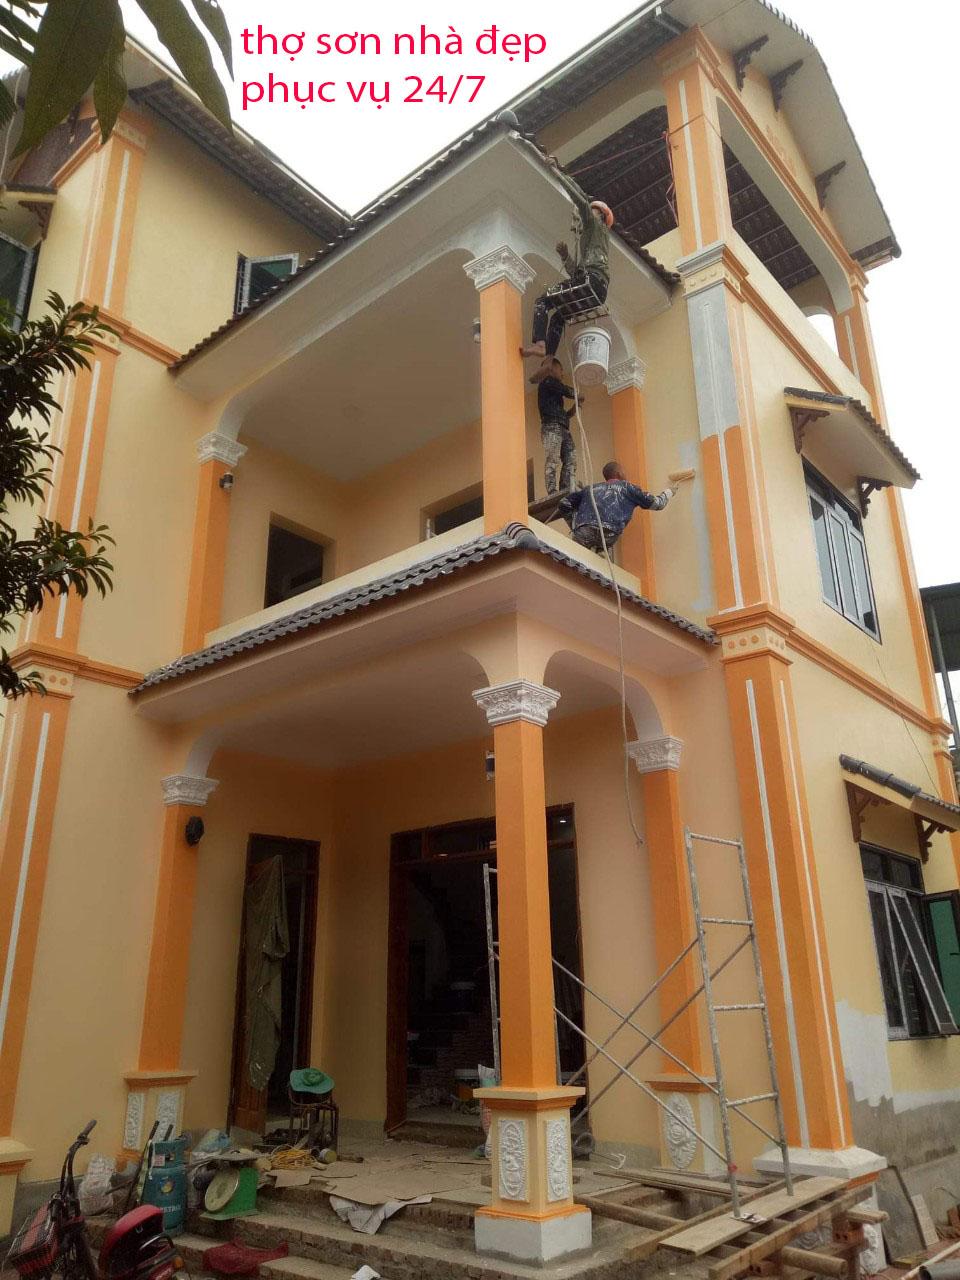 thợ sơn nhà hà nội